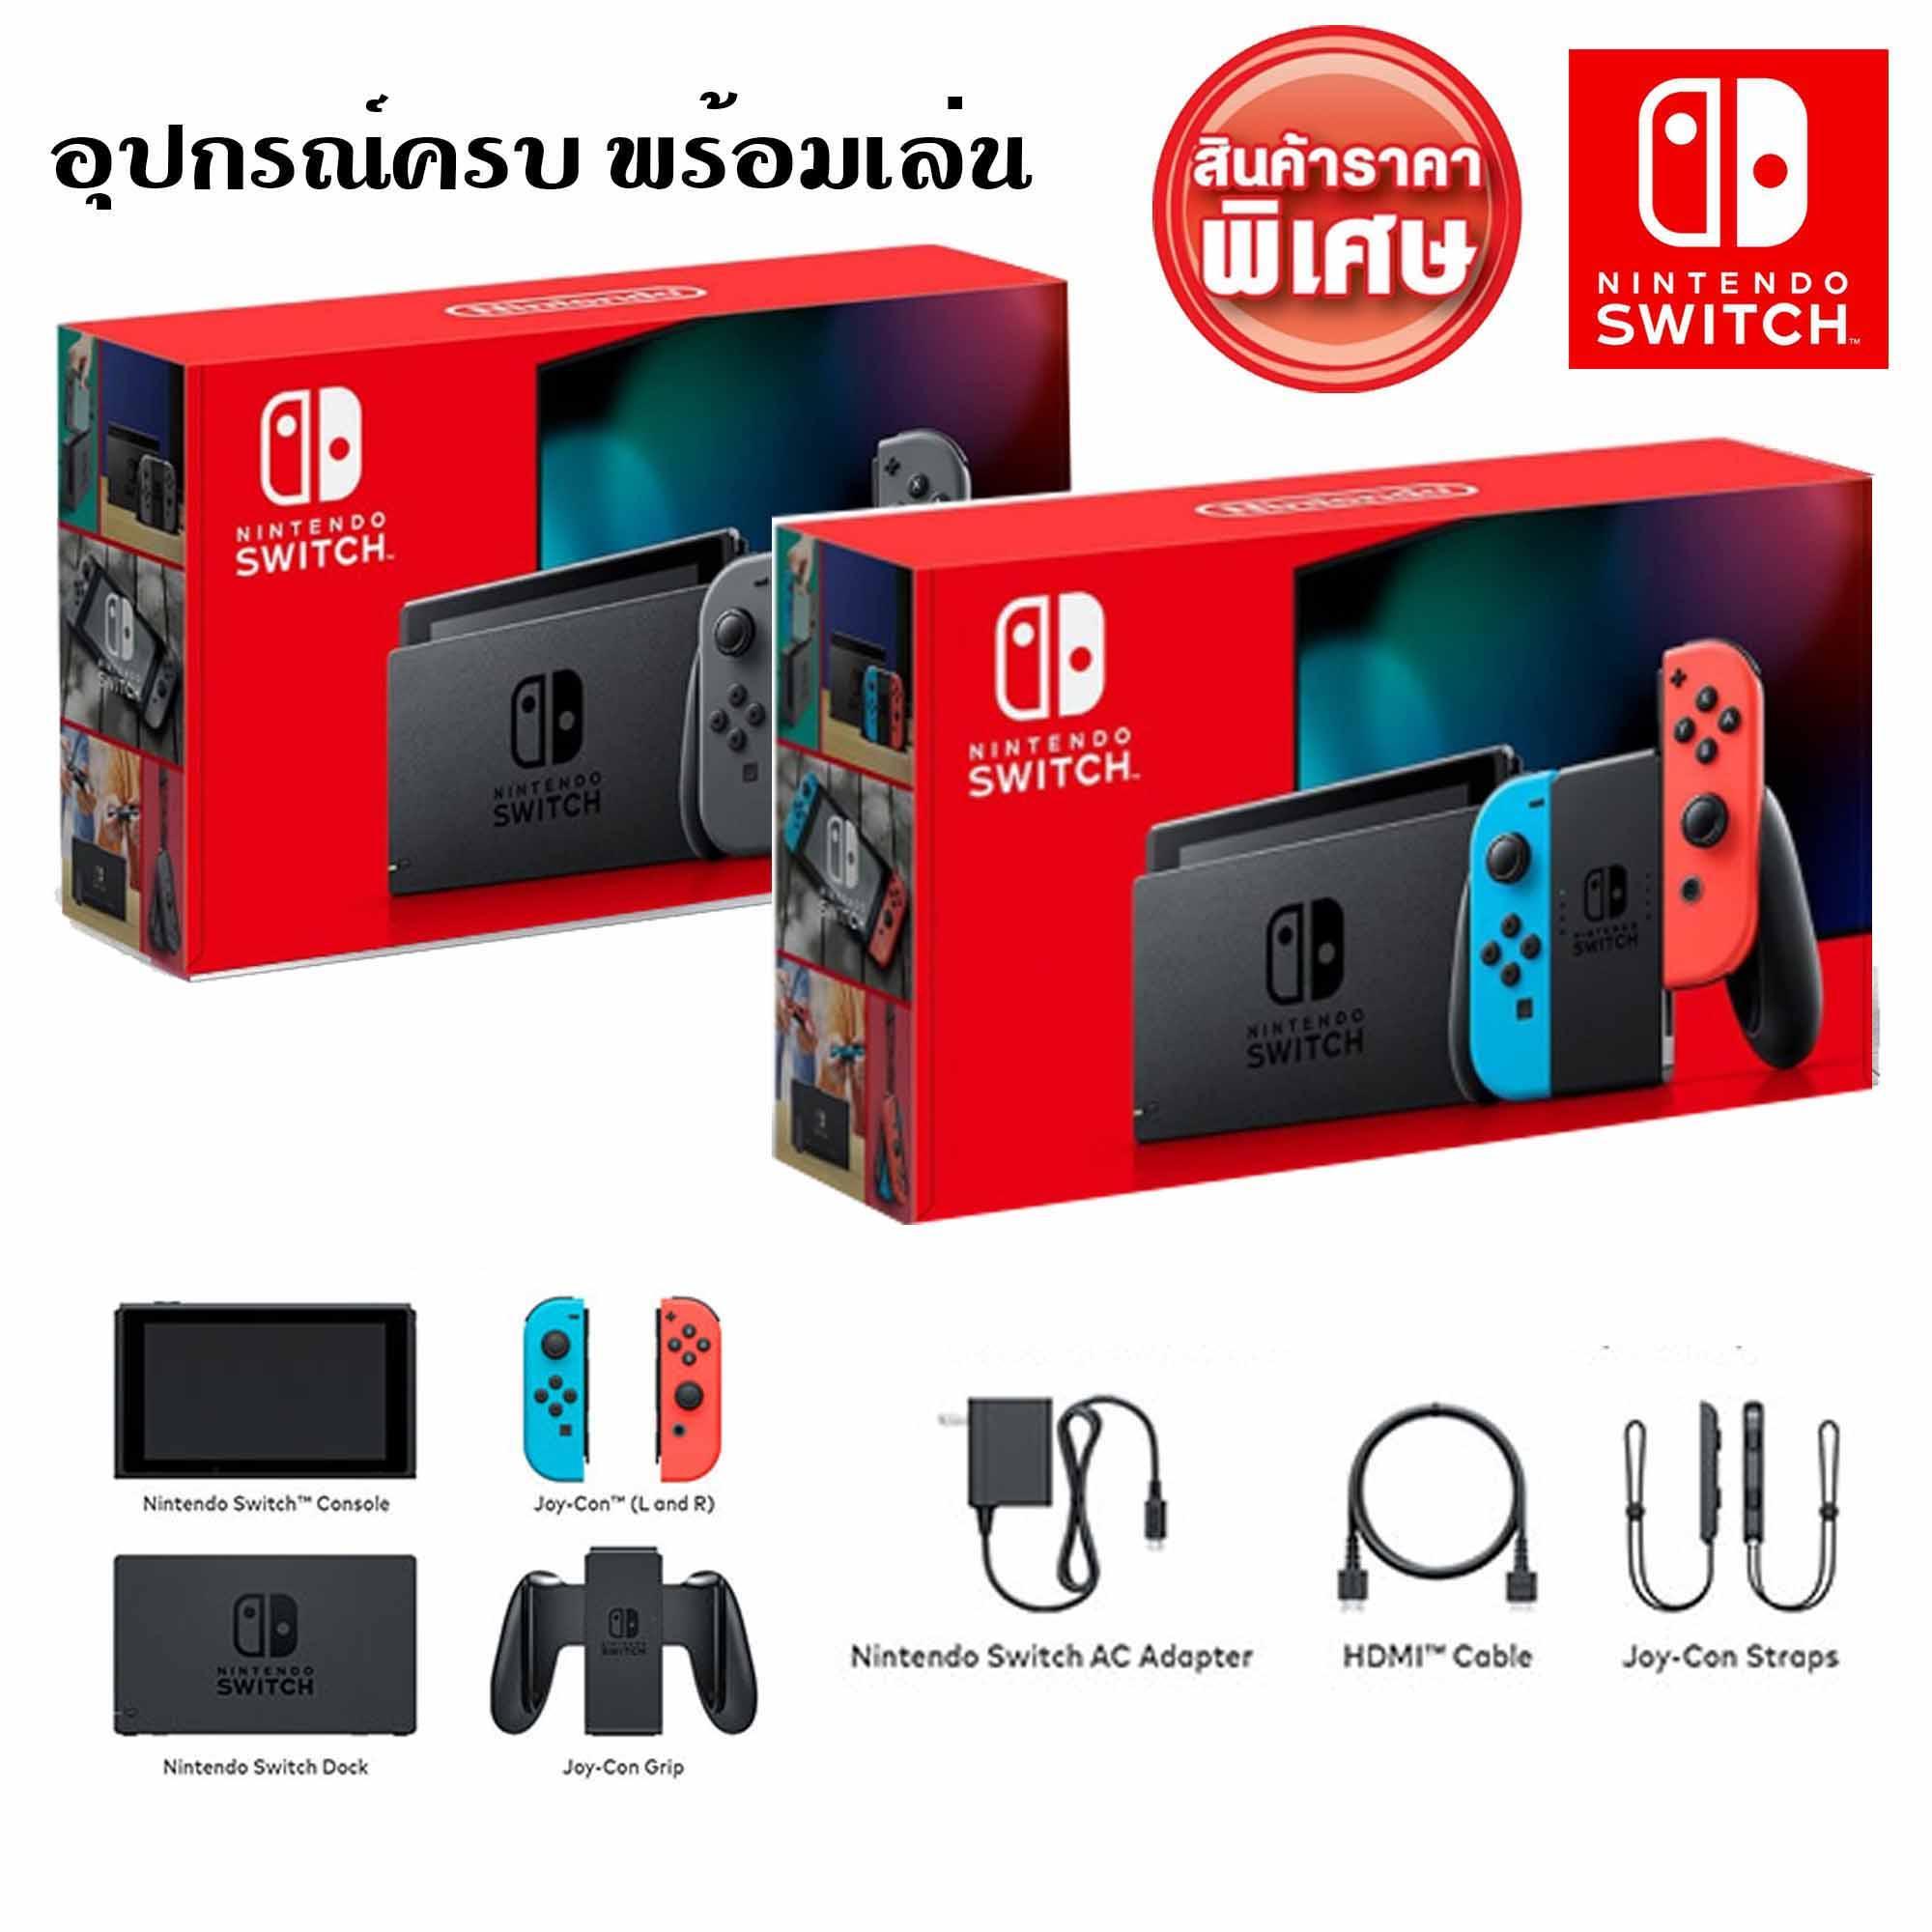 เครื่องเกม Nintendo Switch